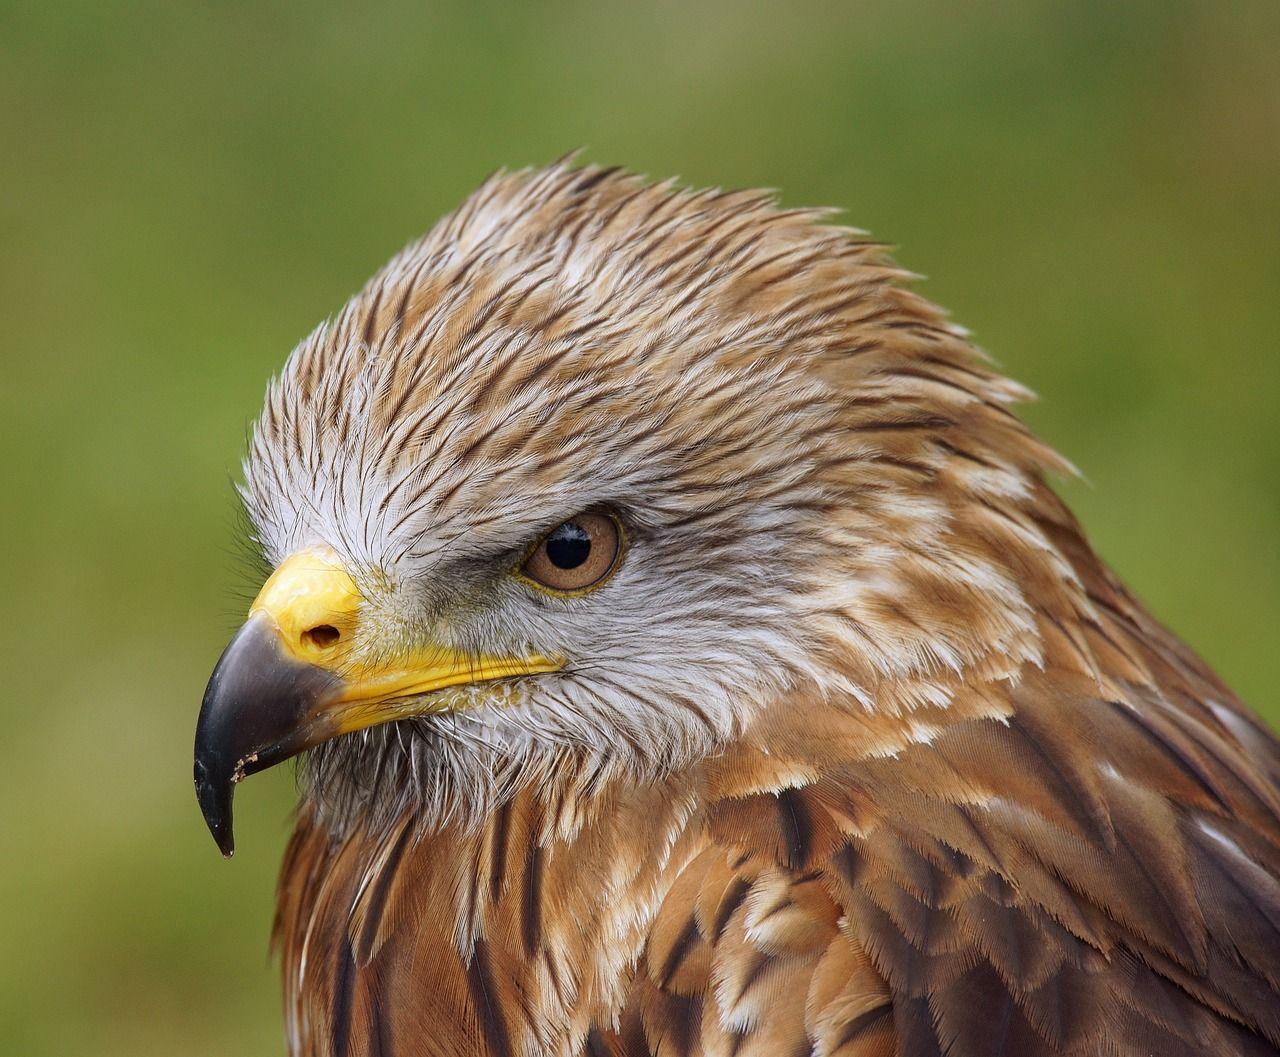 Image Gratuite Sur Pixabay - Buse, Oiseau De Proie, Zoo De pour Images D Oiseaux Gratuites